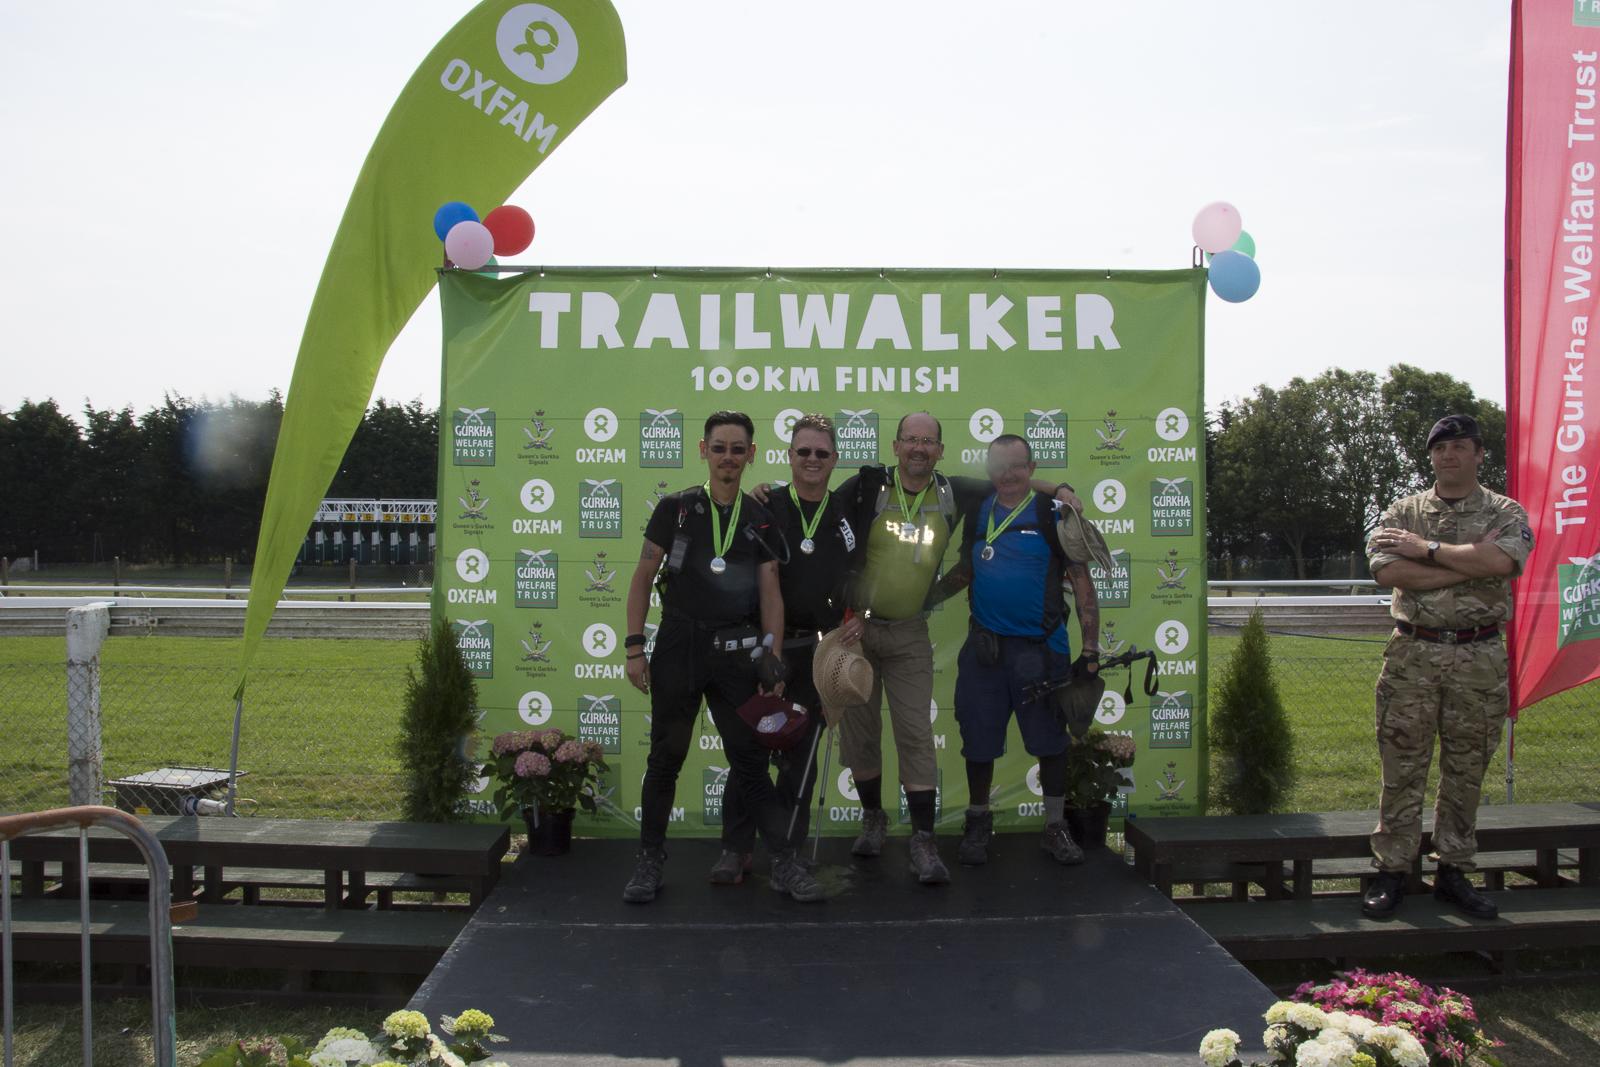 finish line image #trailwalker 2014